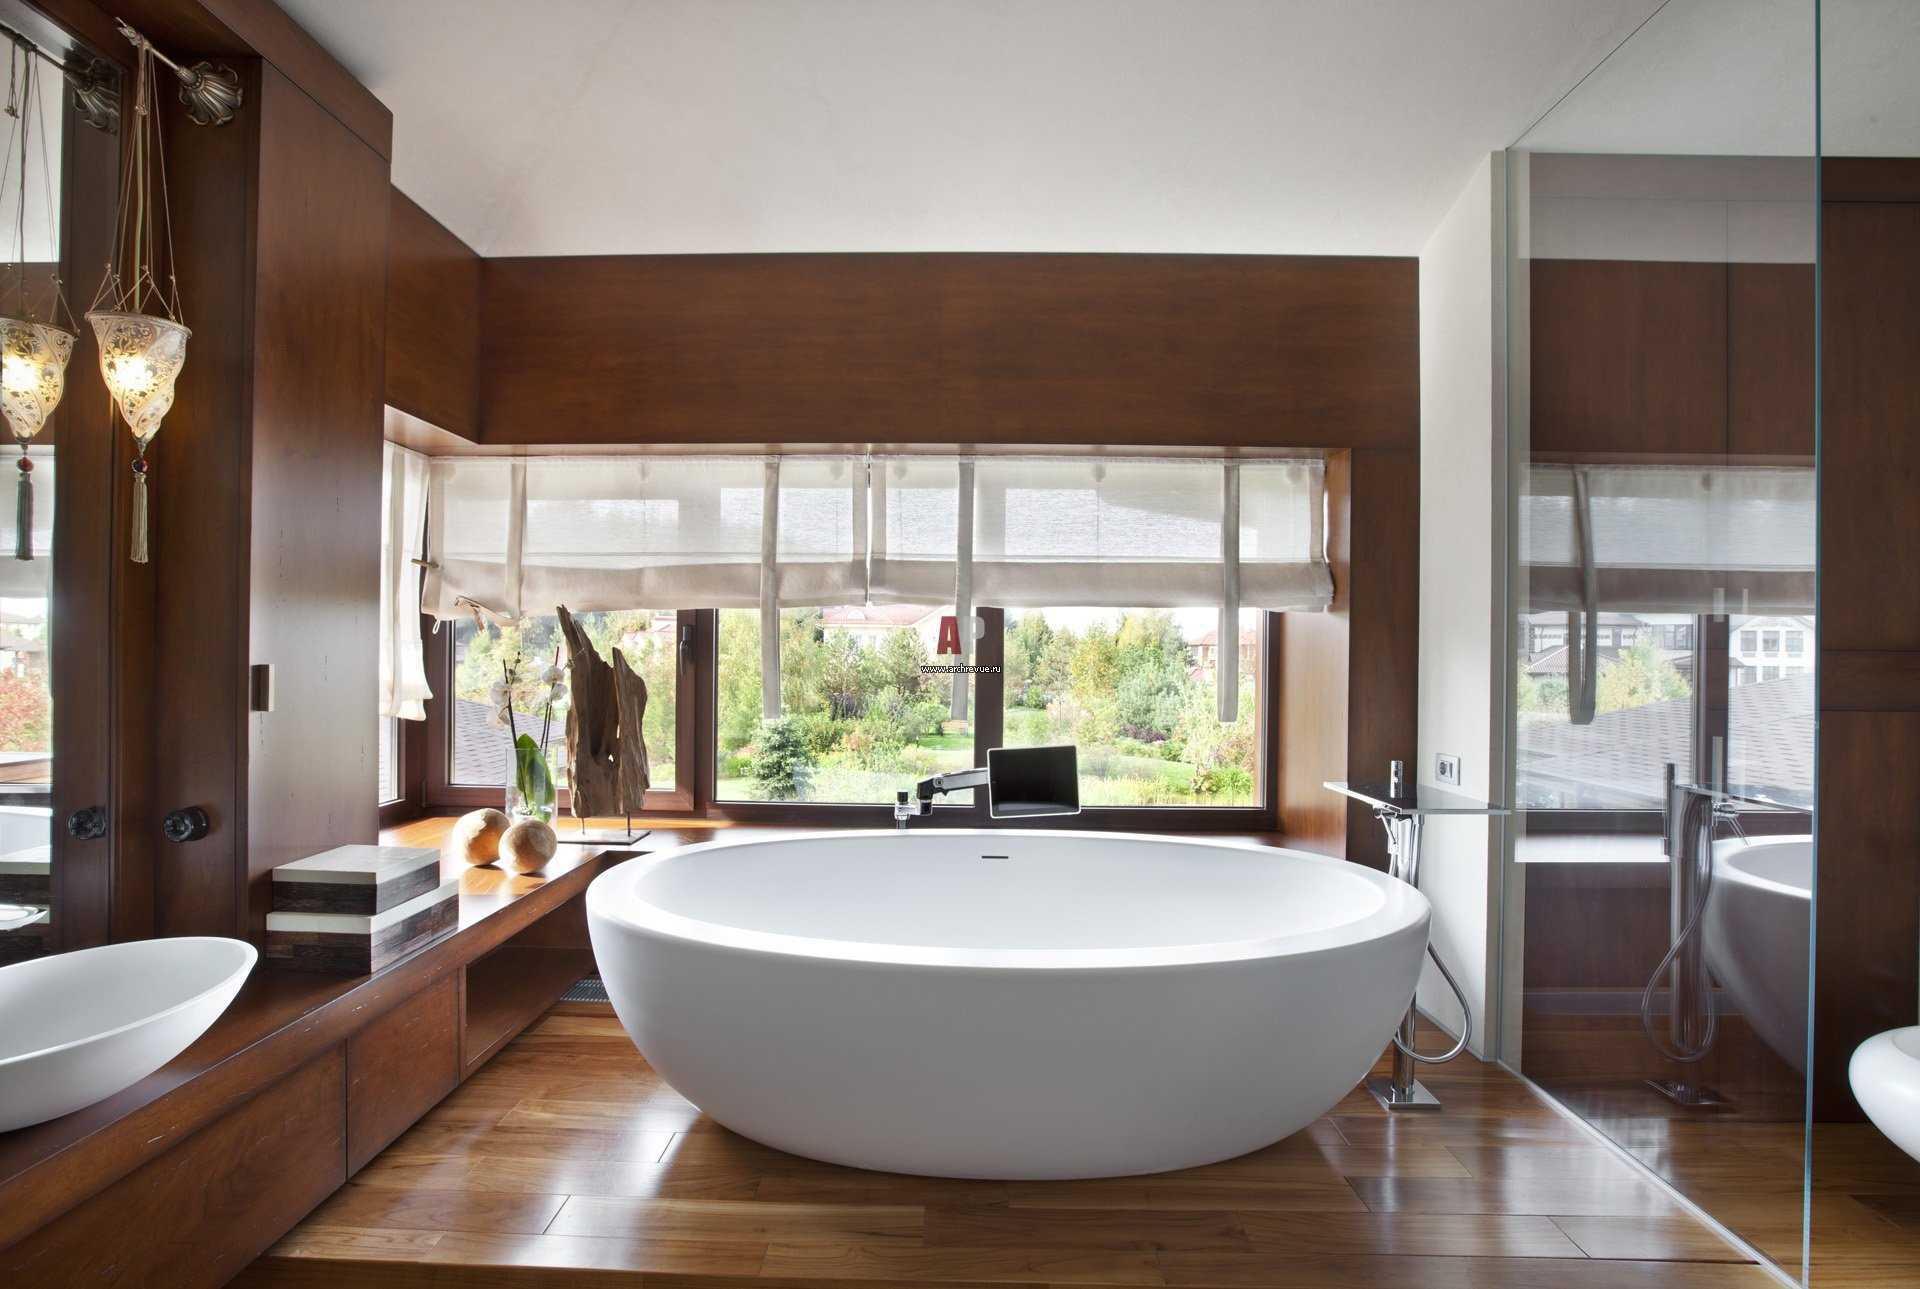 ideja par oriģinālo vannas istabas interjeru